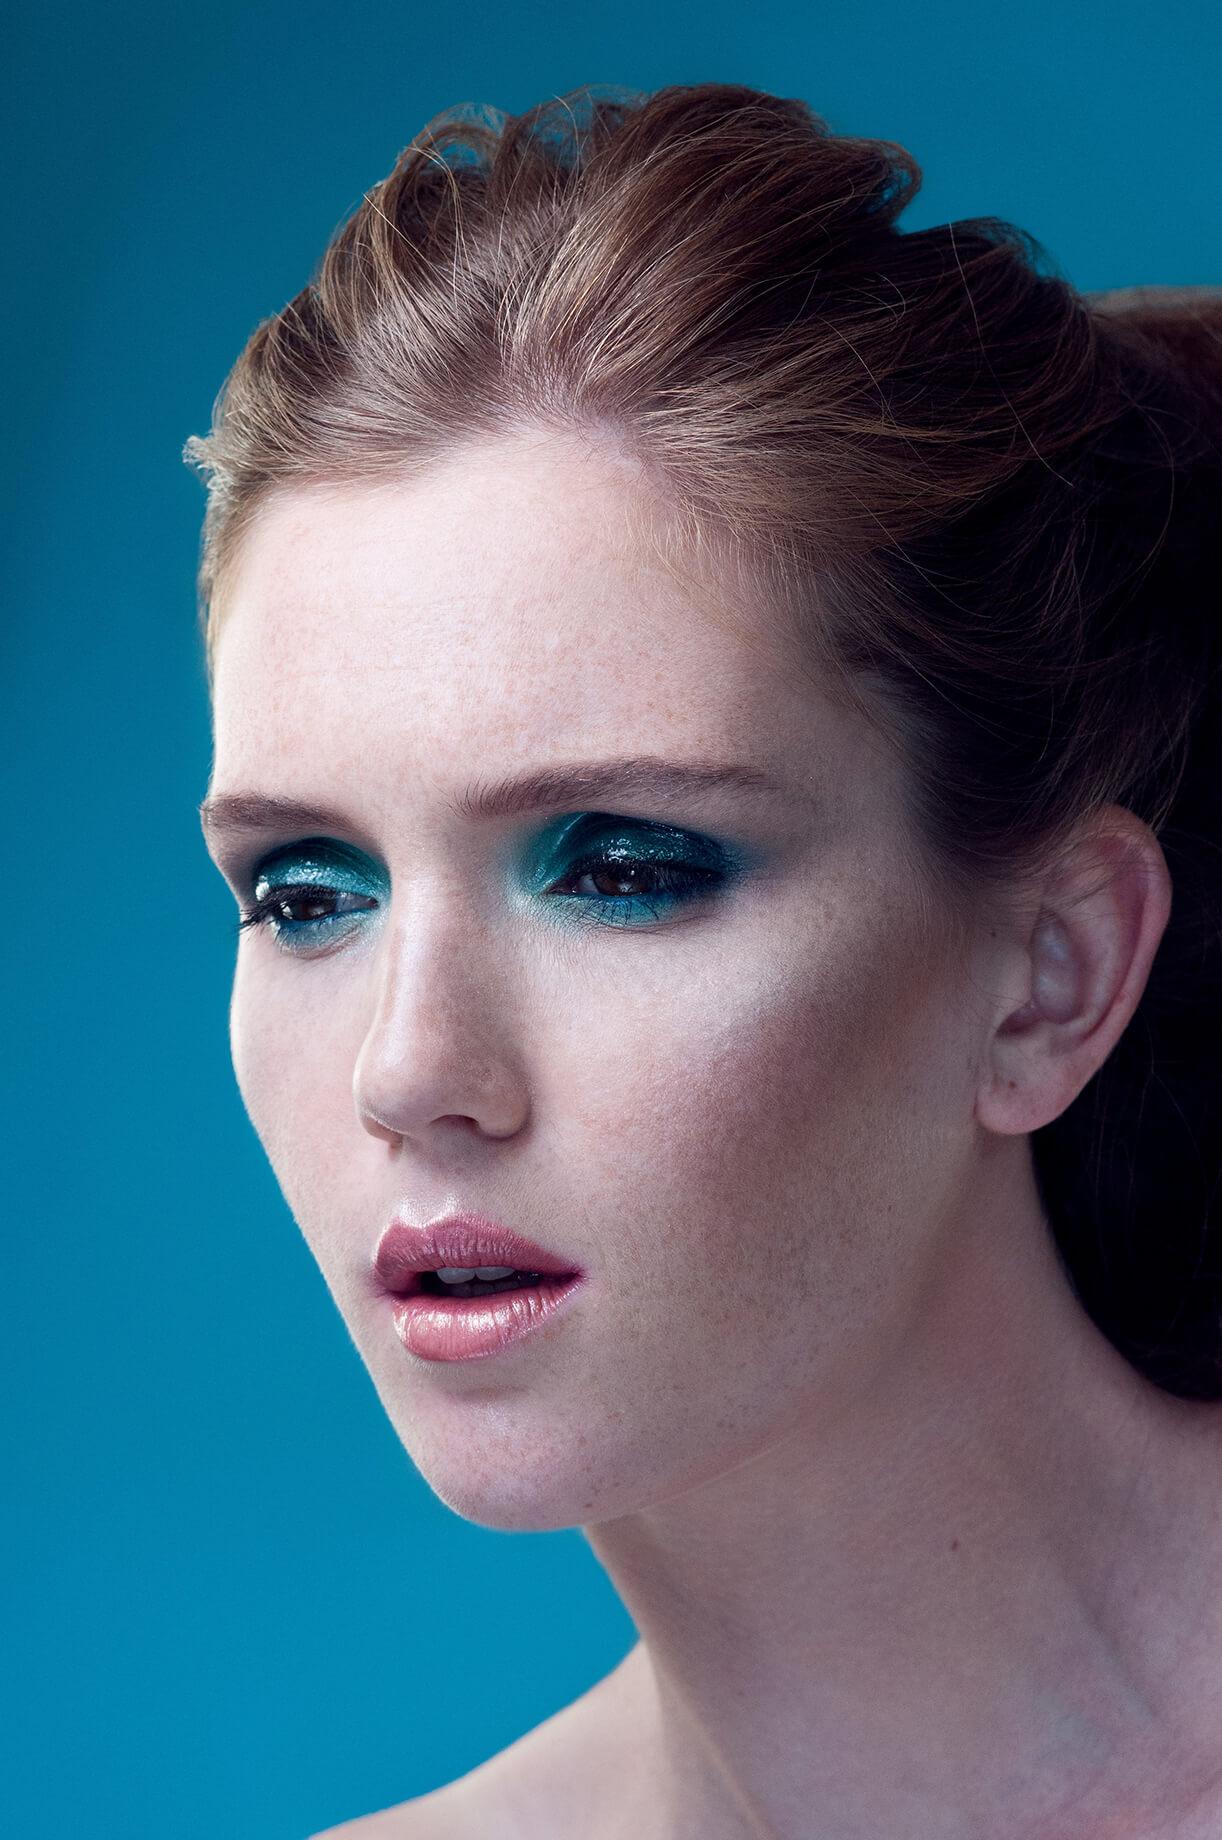 Модель с голубым макияжем вокруг глаз на голубом фоне